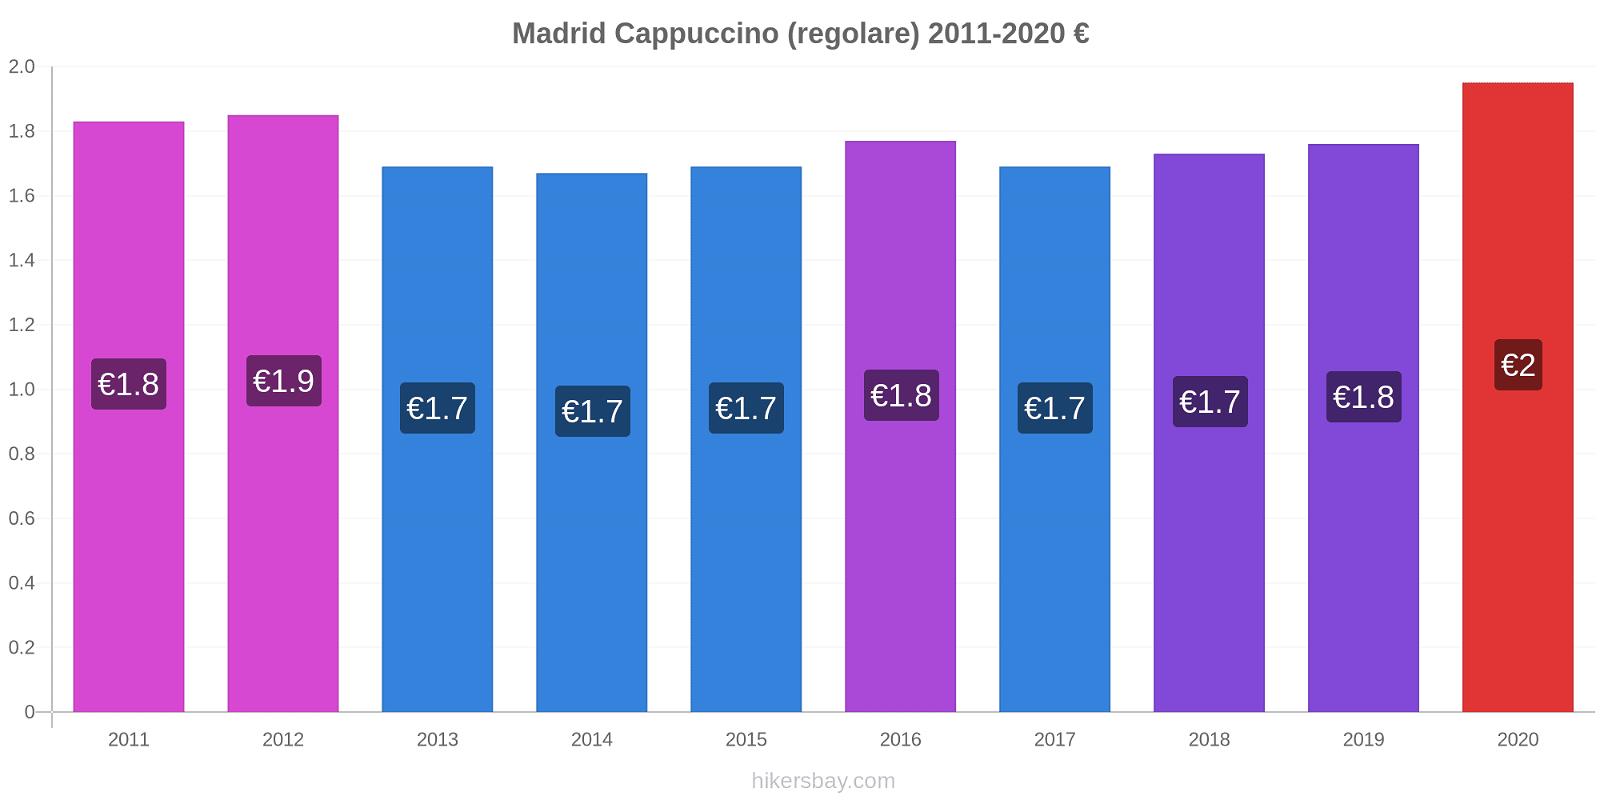 Madrid variazioni di prezzo Cappuccino (normale) hikersbay.com